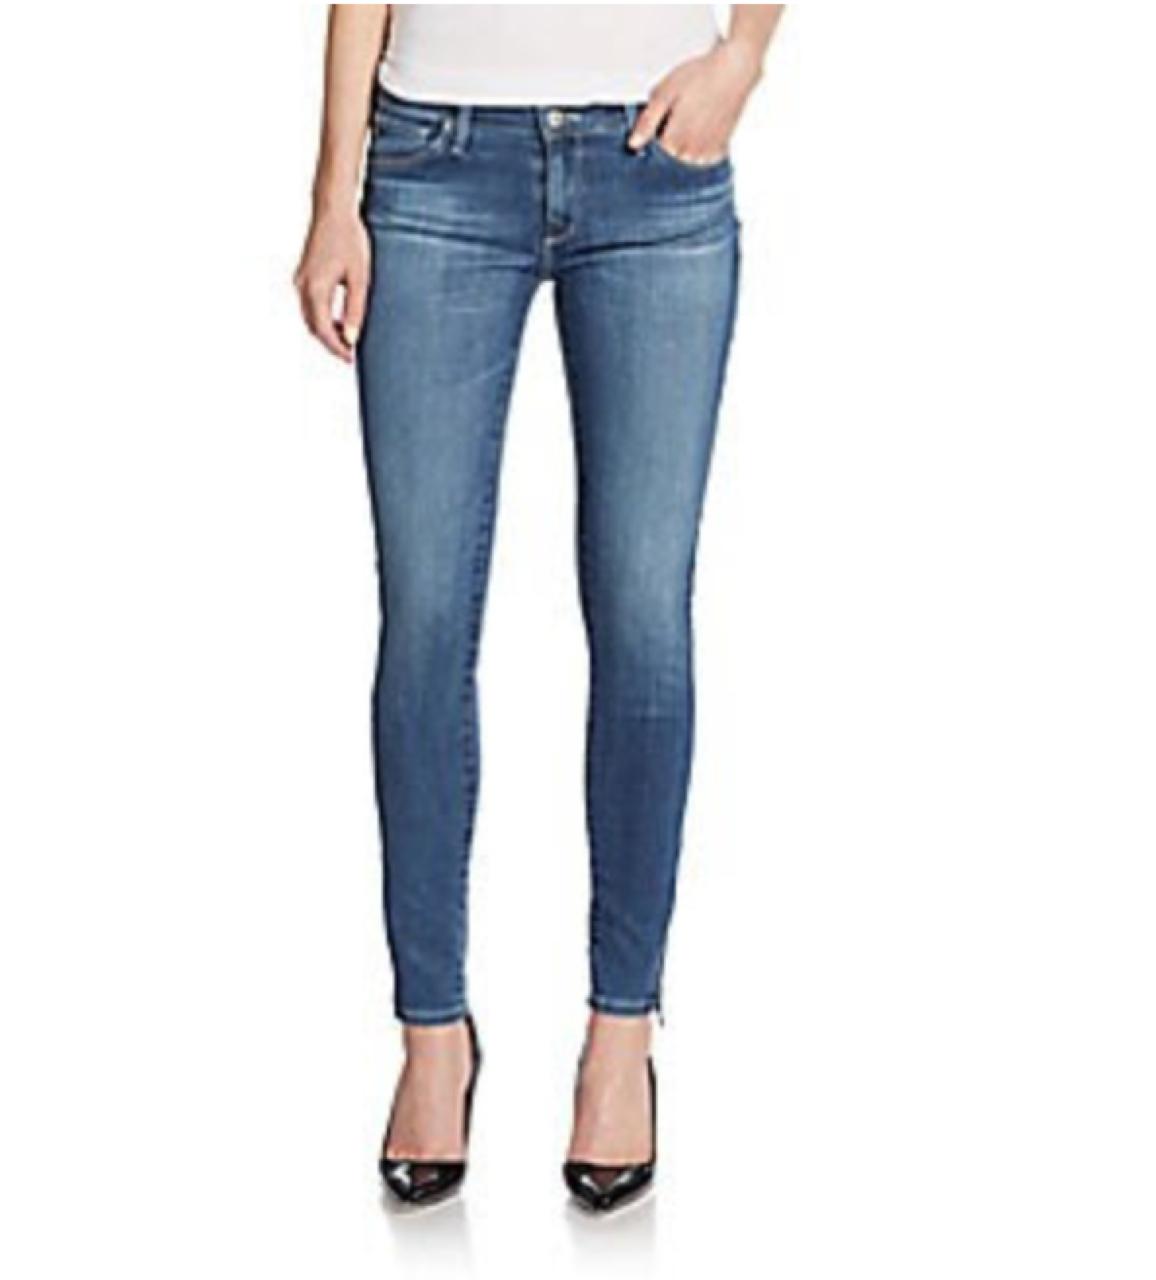 오프라 윈프리 프리미엄데님 Ag jeans 25사이즈